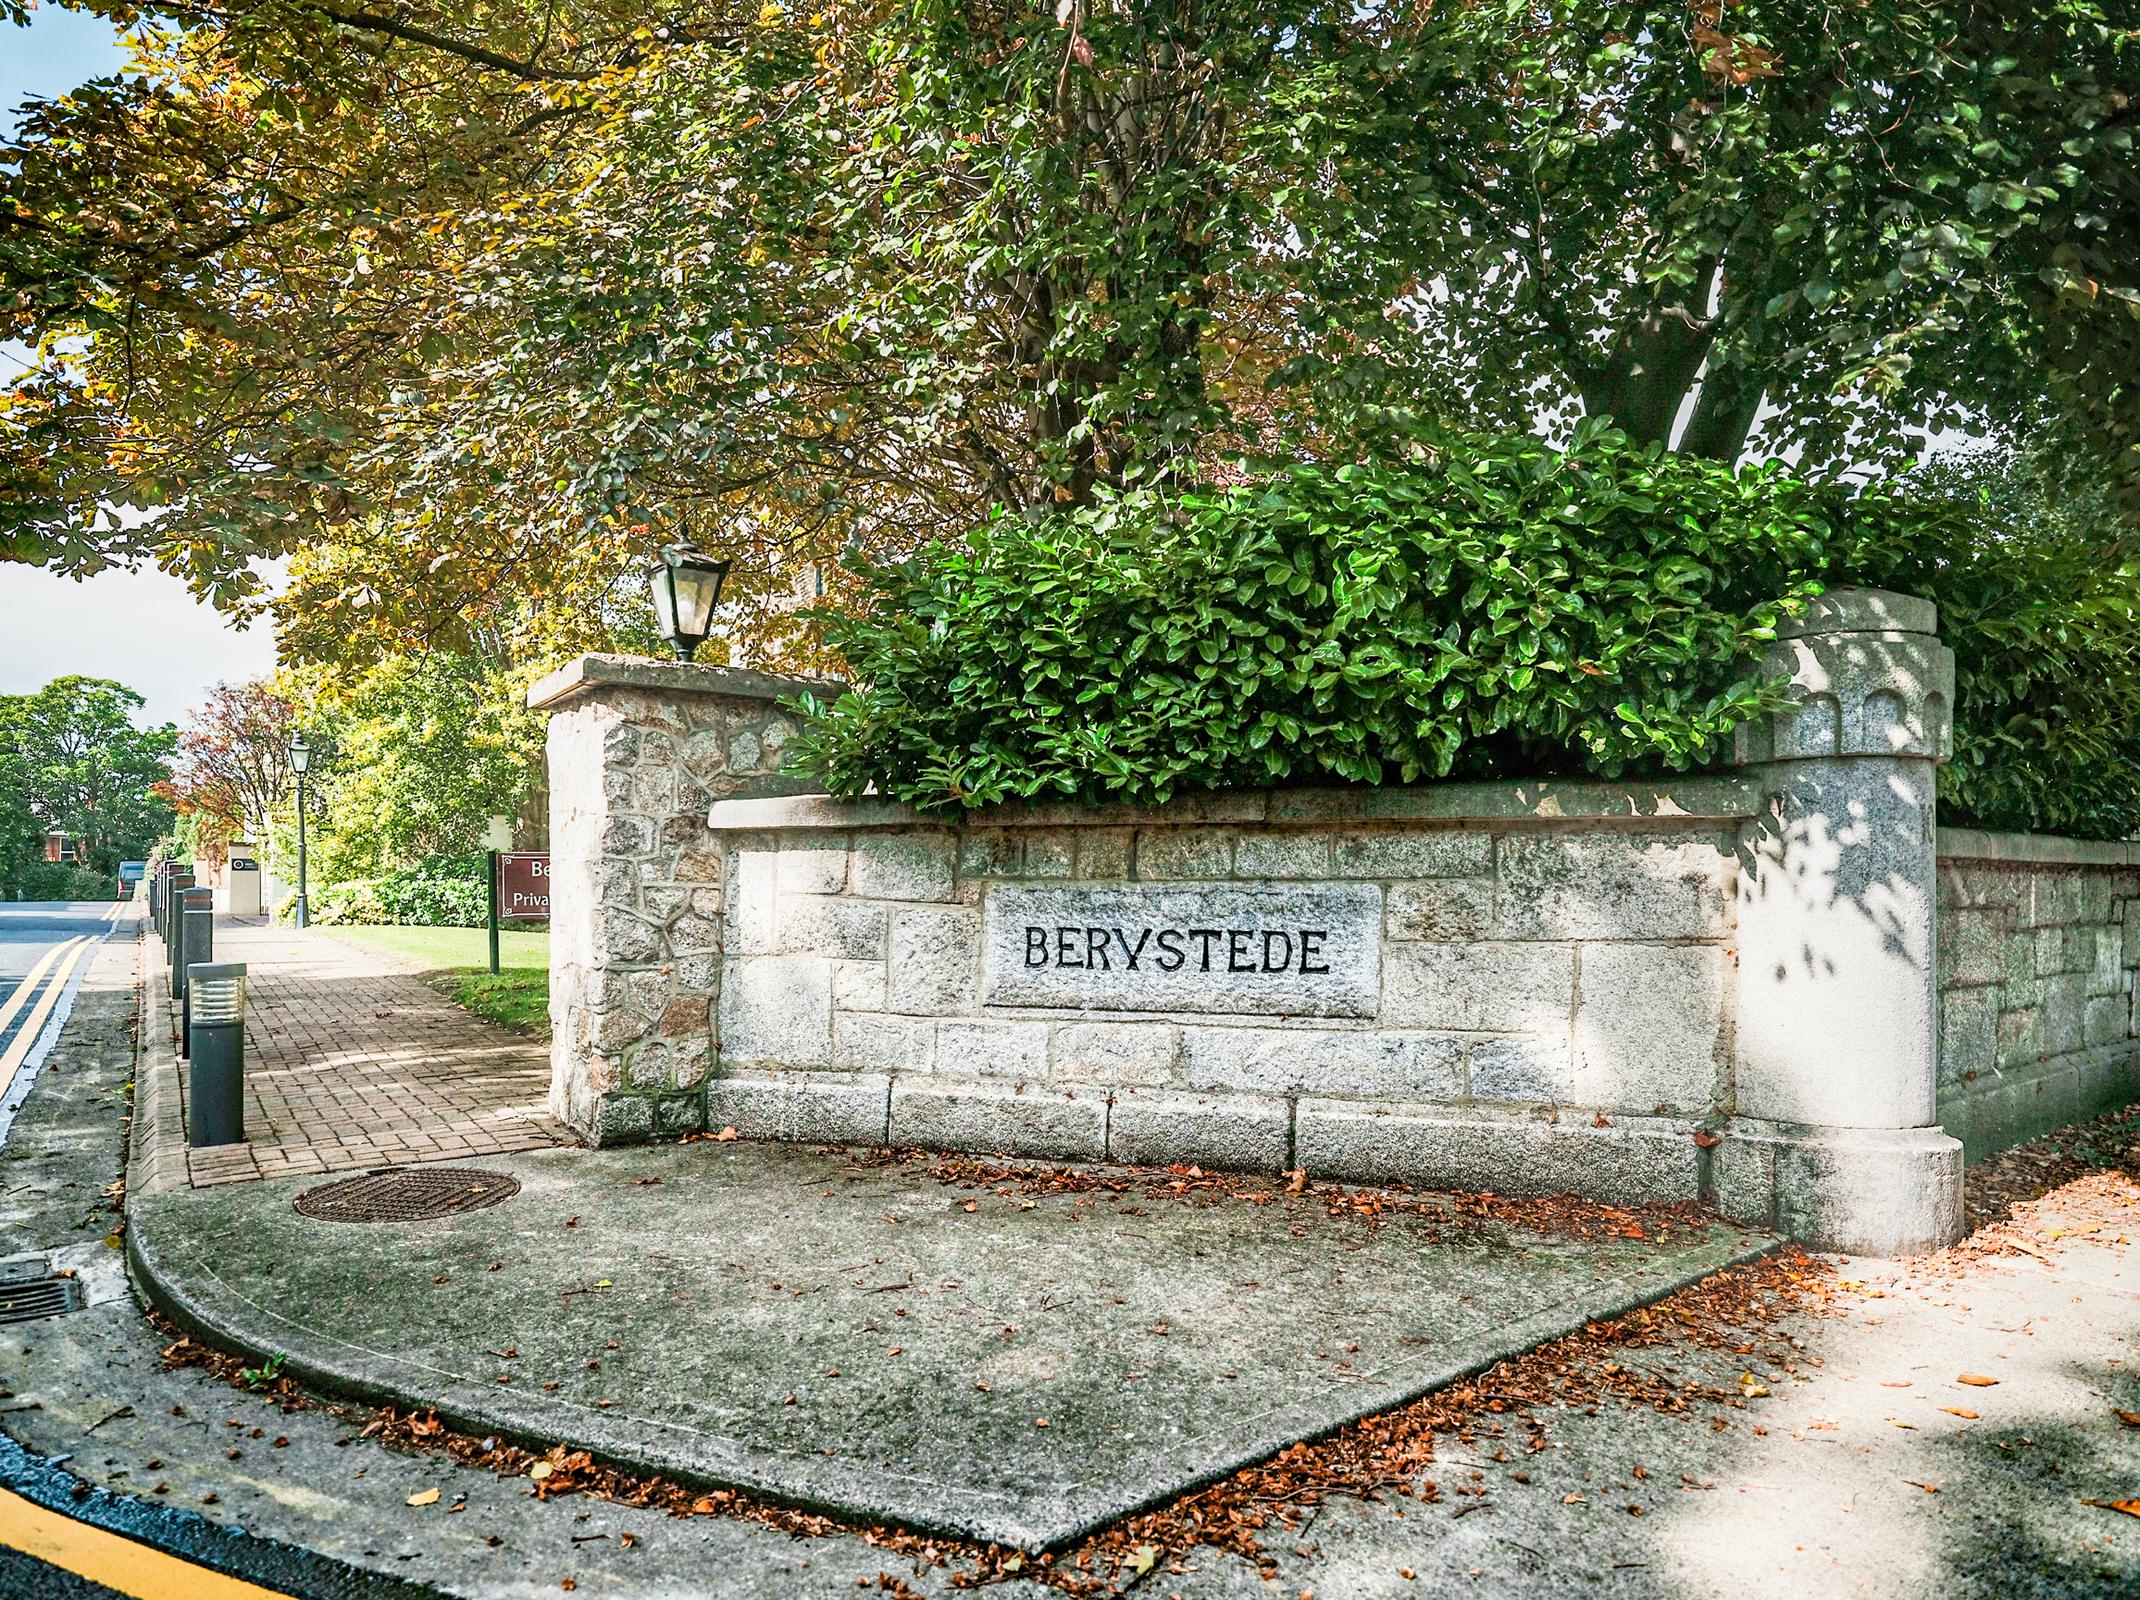 Berystede, Leeson Park, Ranelagh, Dublin 6